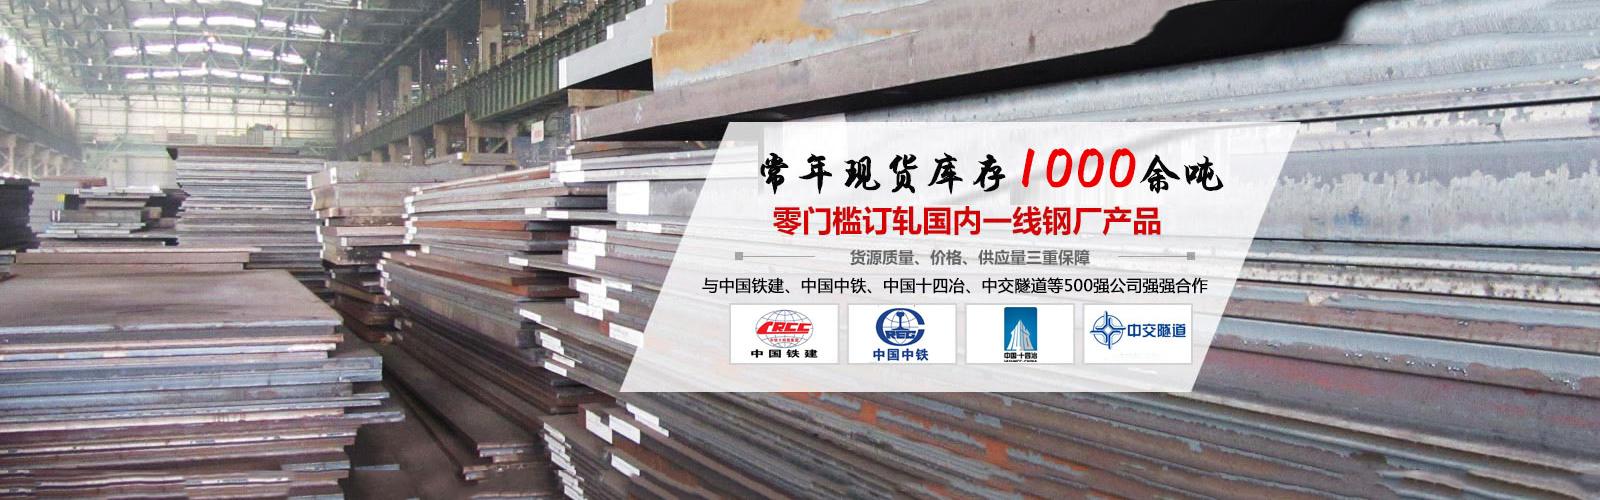 昆明钢板加工工厂